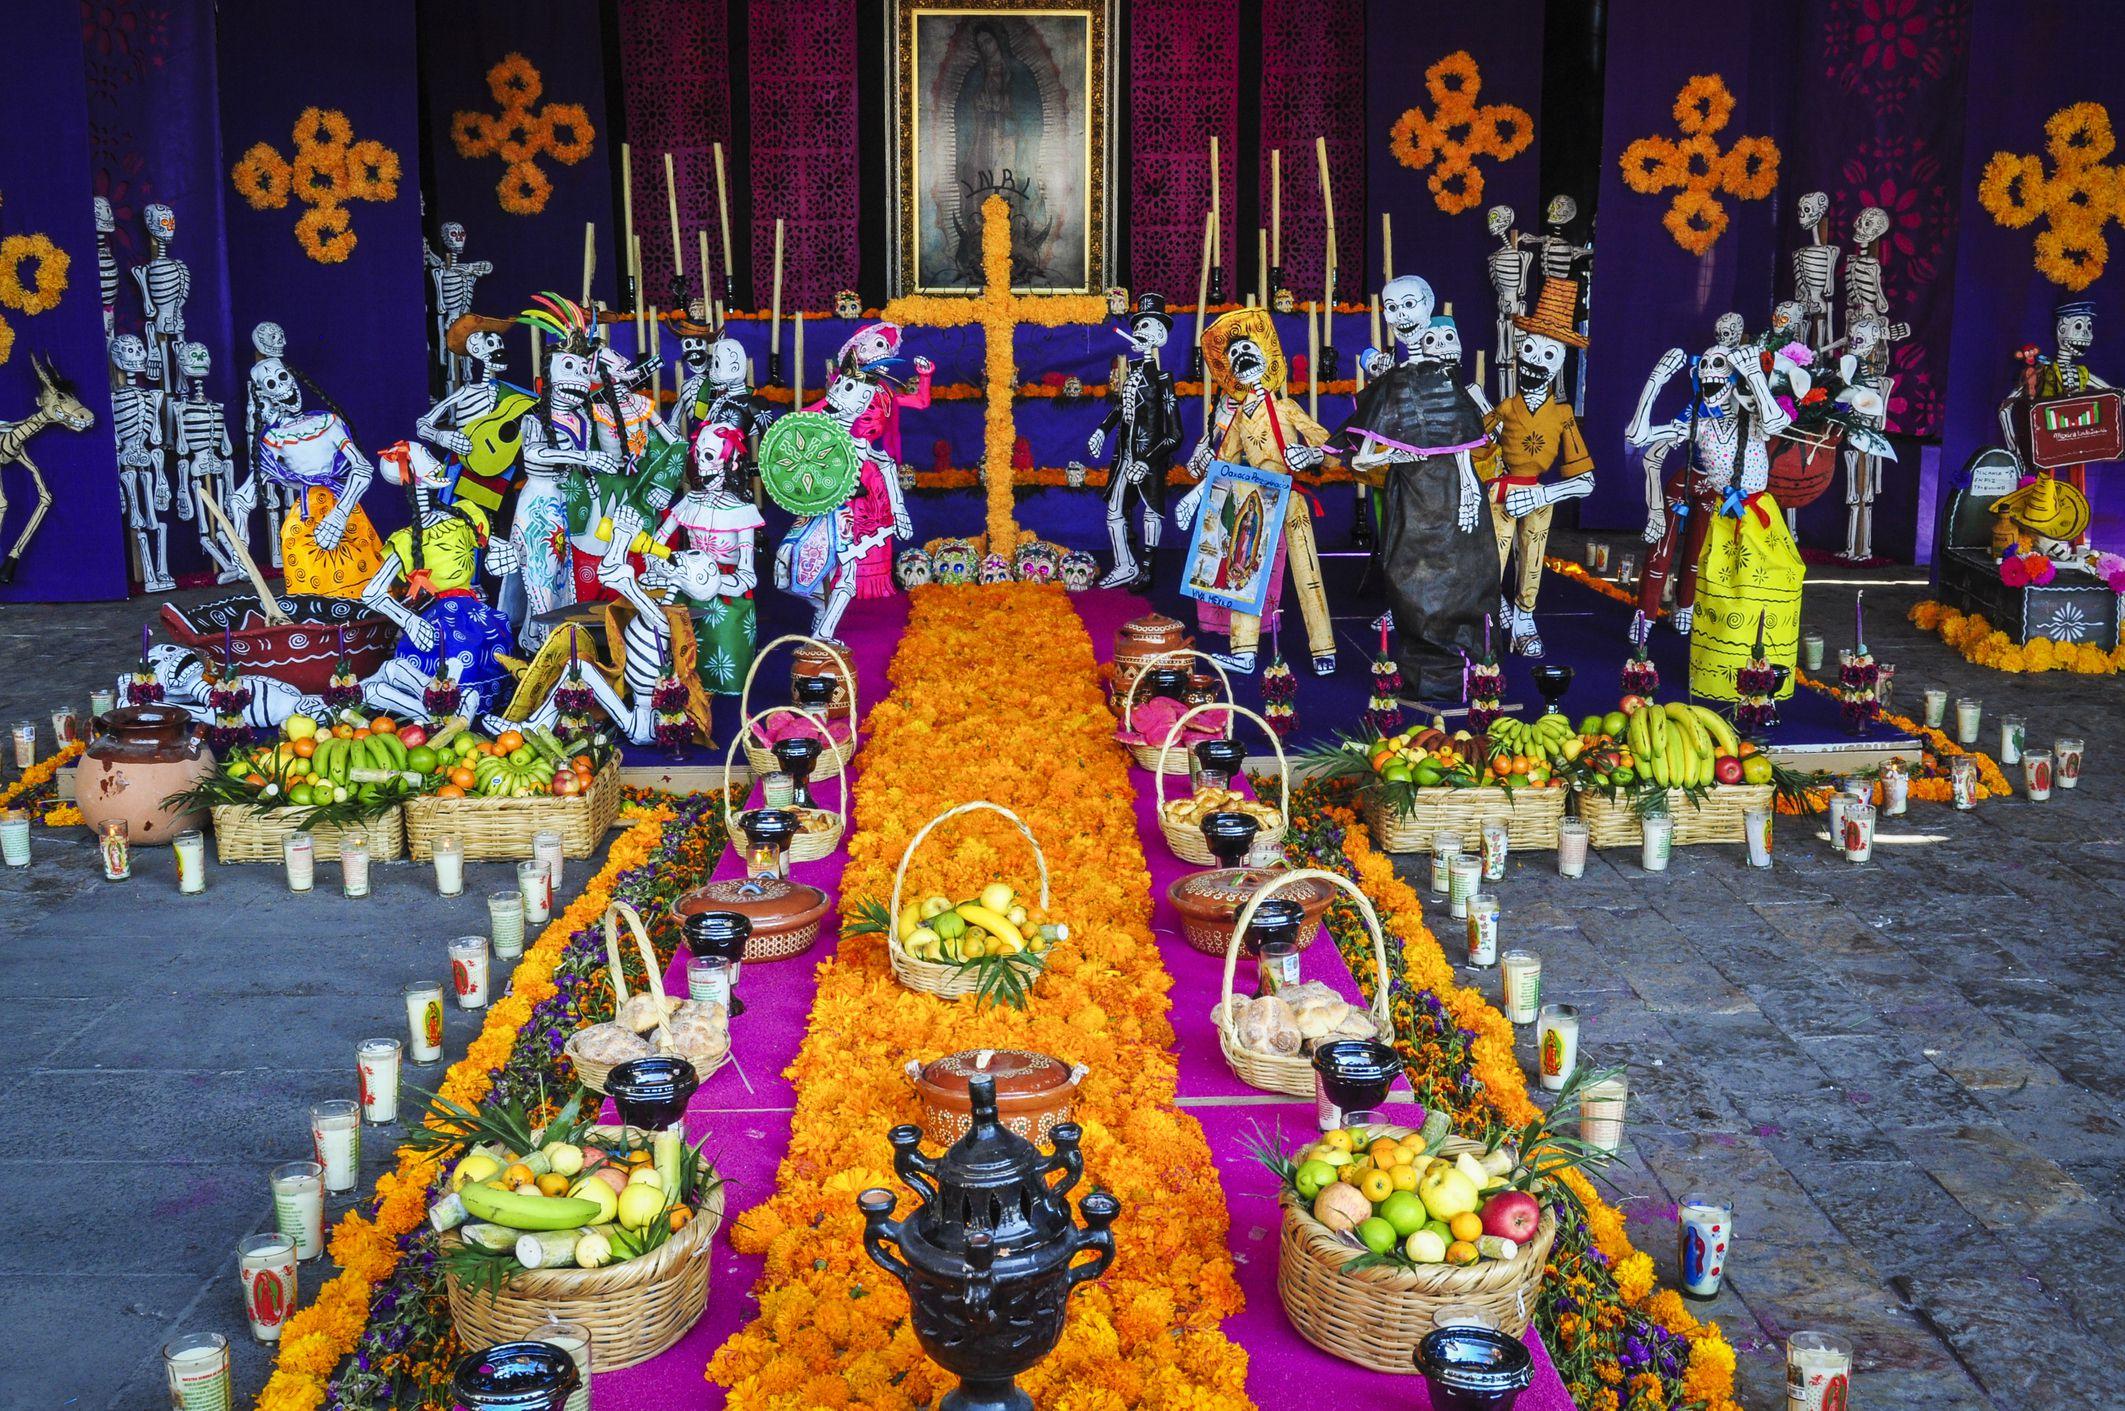 El Día de los Muertos tiene especial importancia para el sector turística y hostelero de Aguascalientes, Guanajuato, Michoacán, Oaxaca, San Luis Potosí y Ciudad de México.